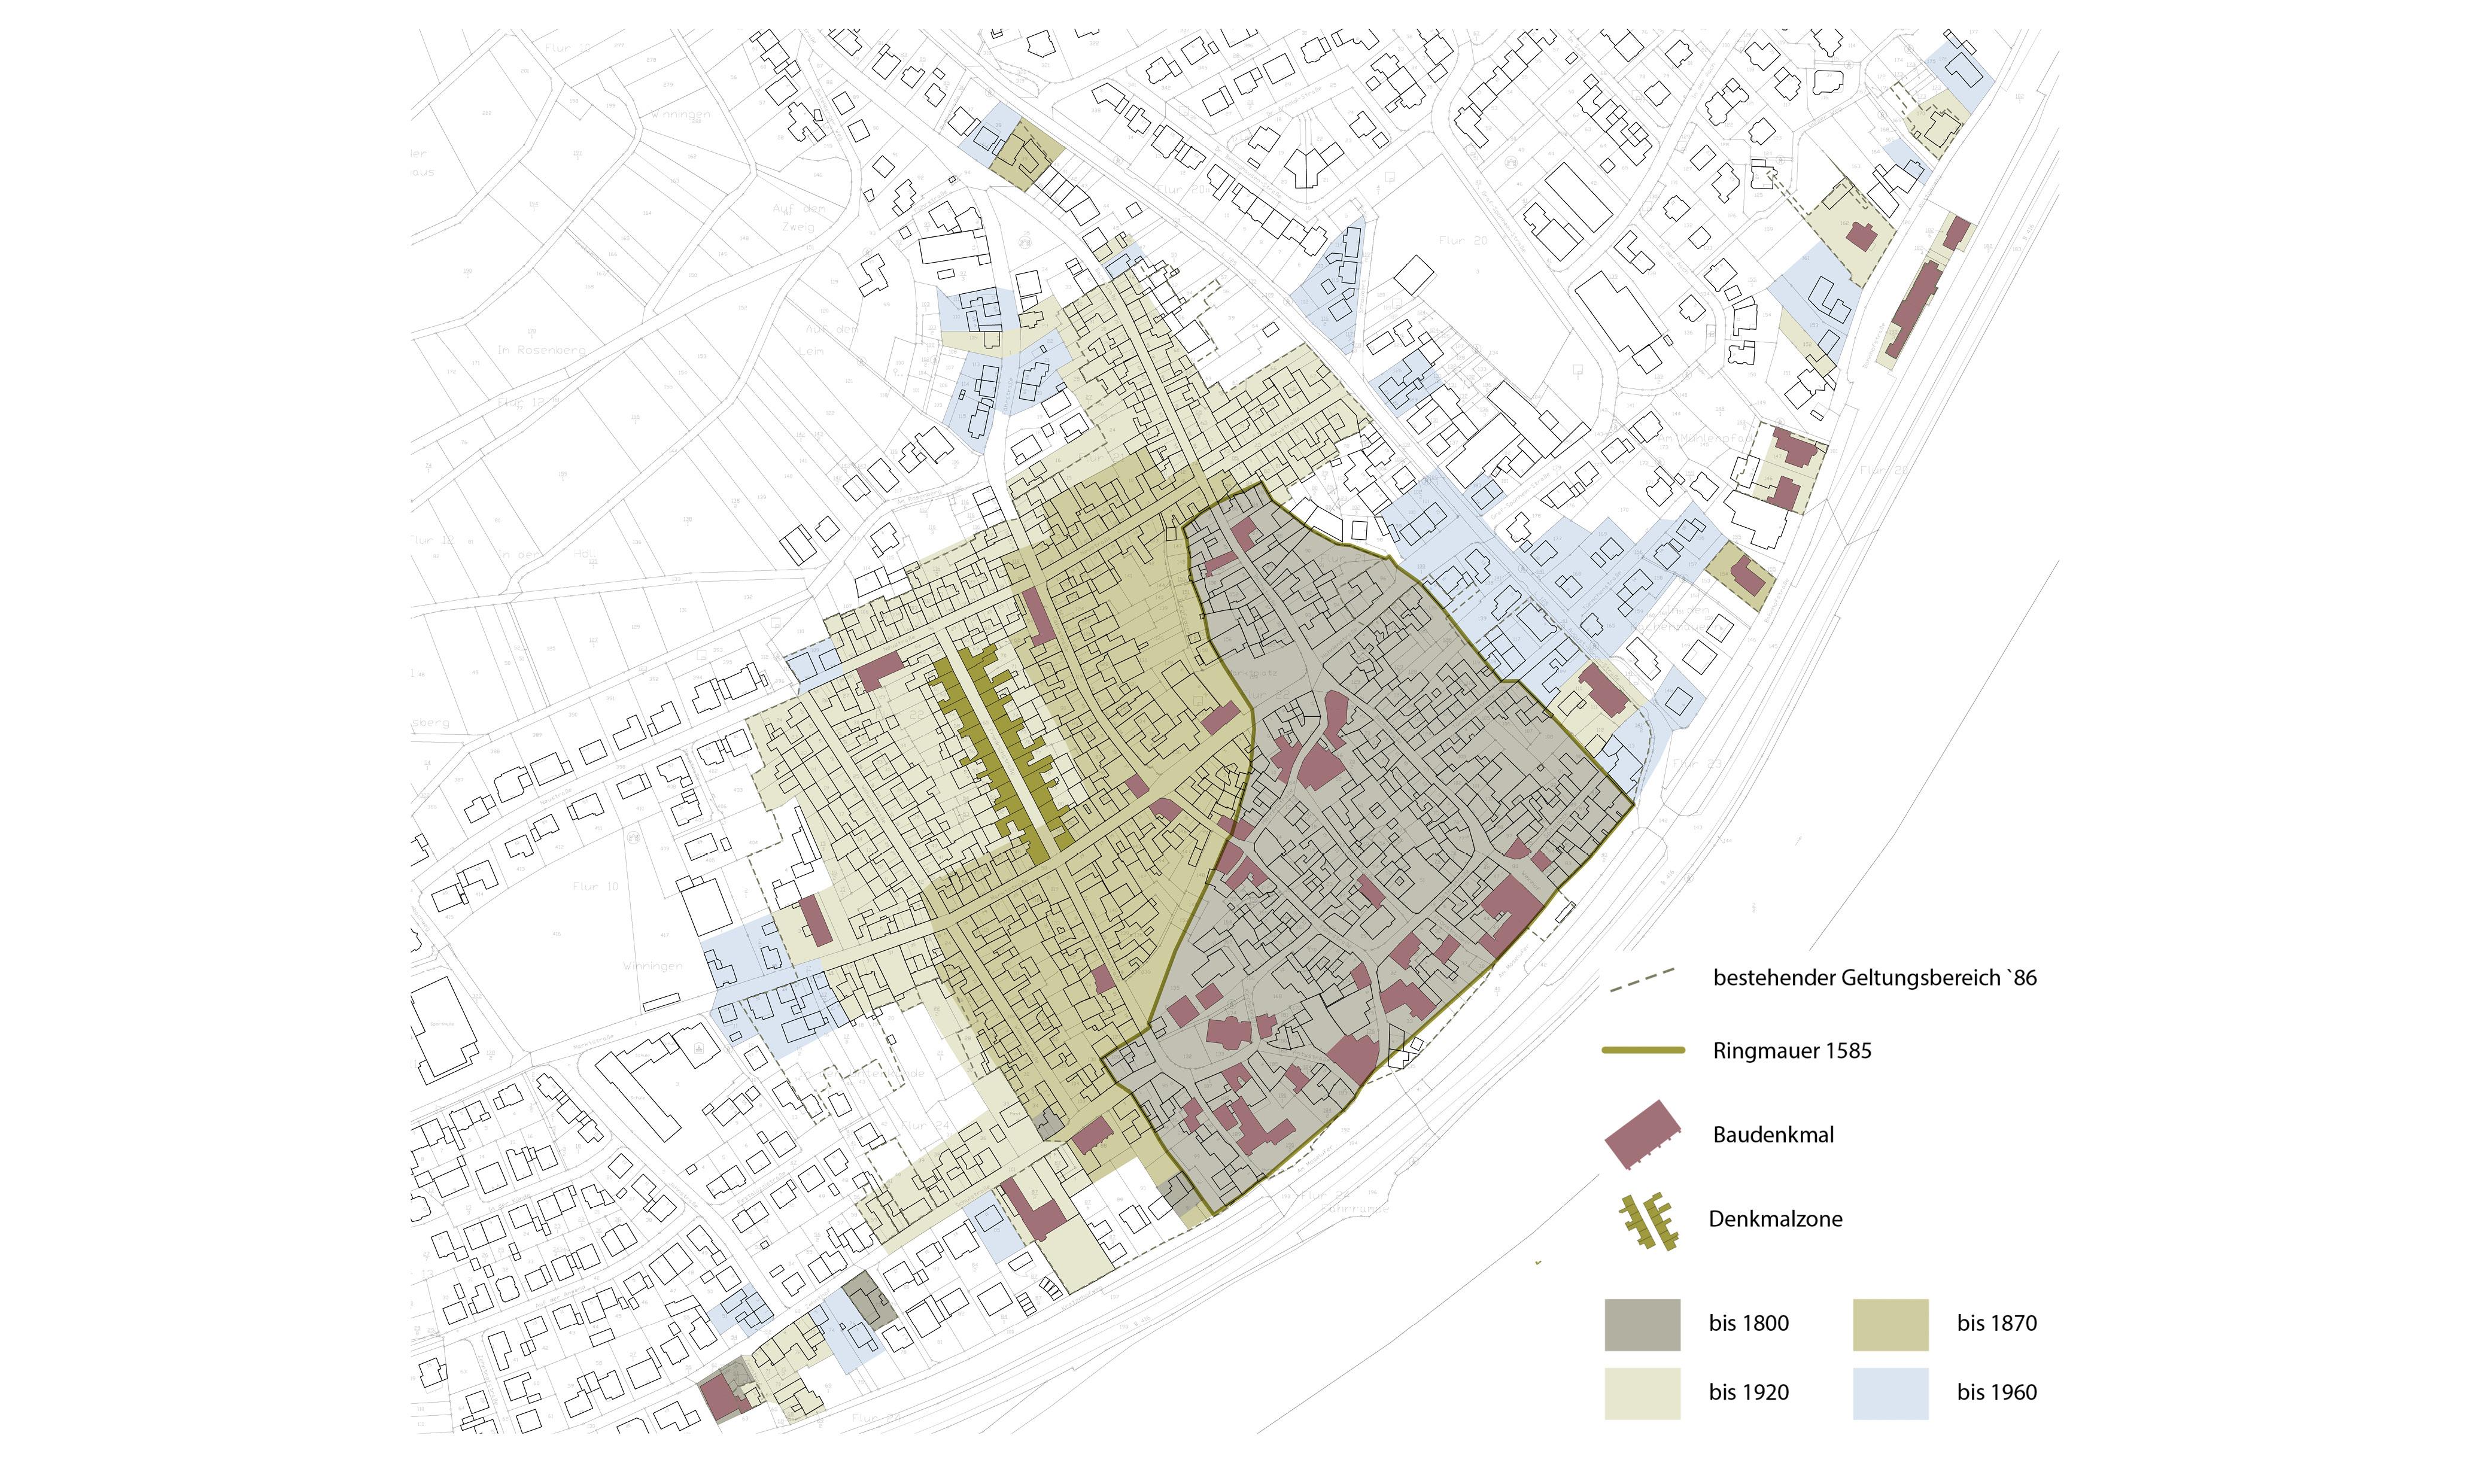 Analysekarten der städtebaulichen Entwicklung